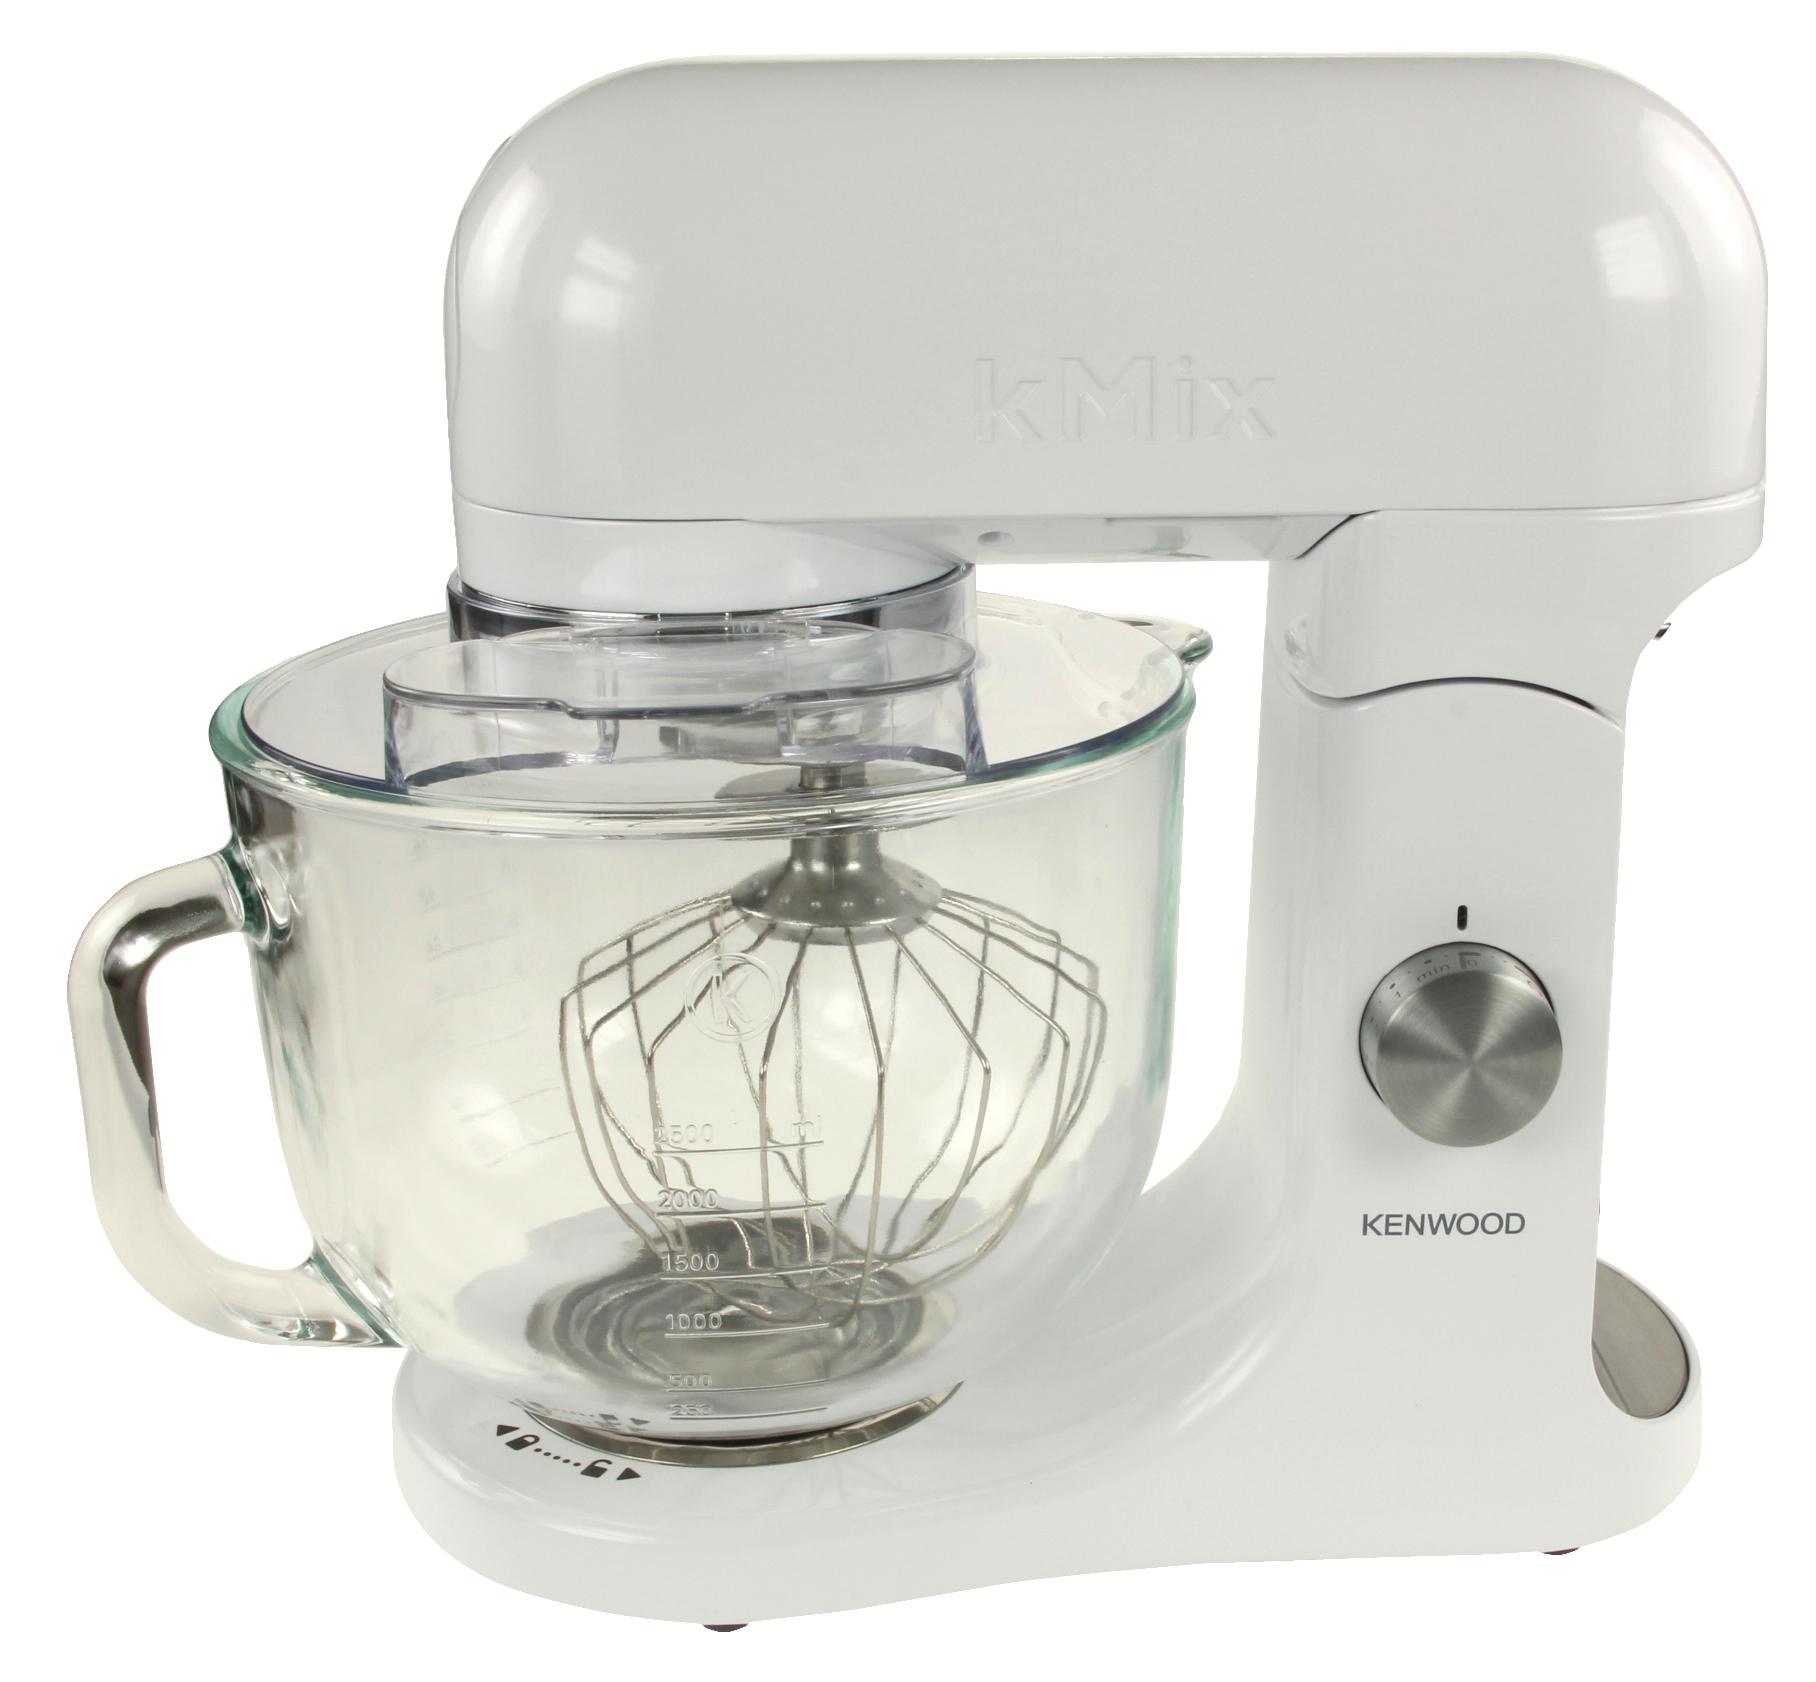 [Update] Kenwood kMix KMX50WG Küchenmaschine Kokosnussweiß mit Glas Rührschüssel